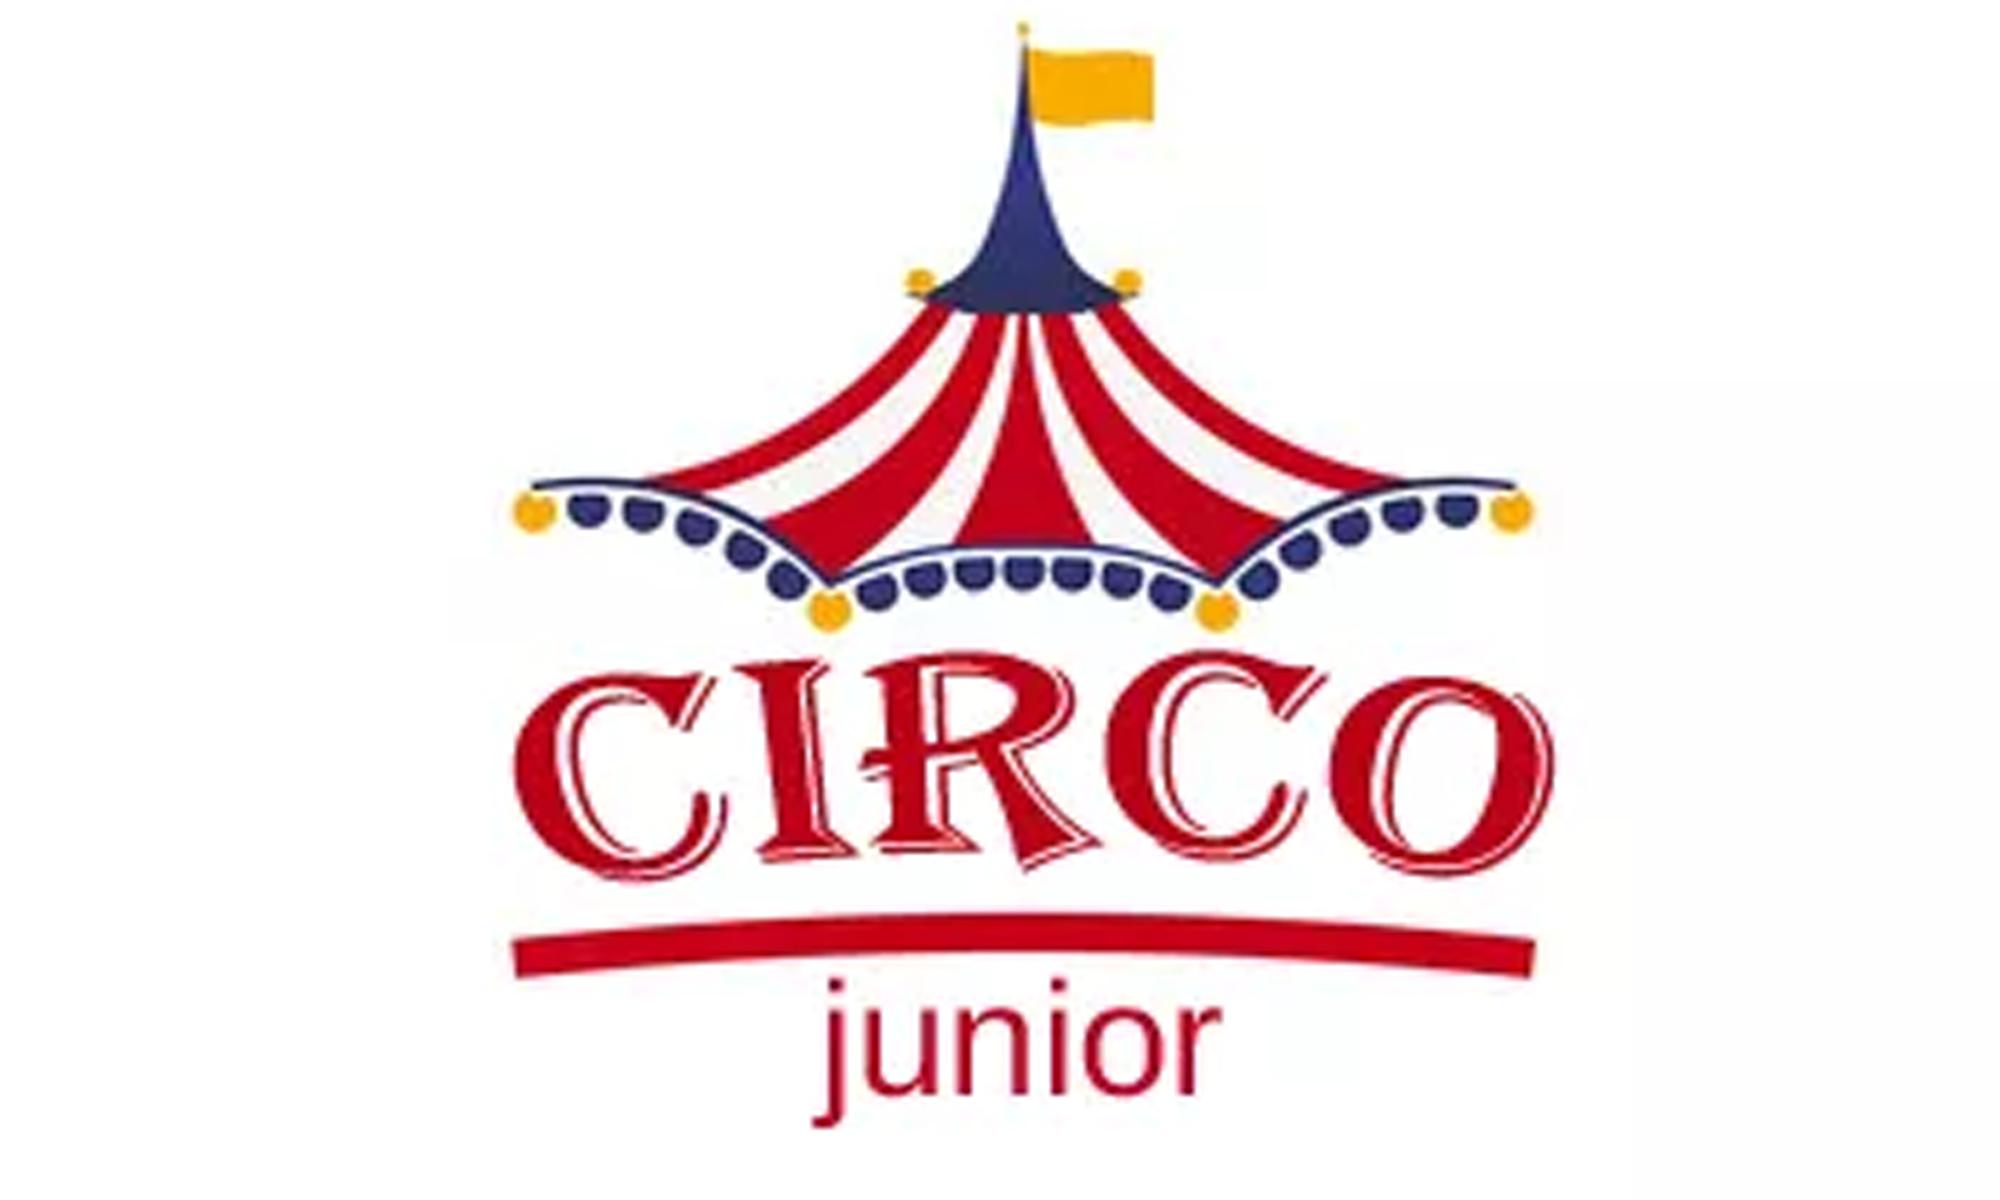 Circo Junior